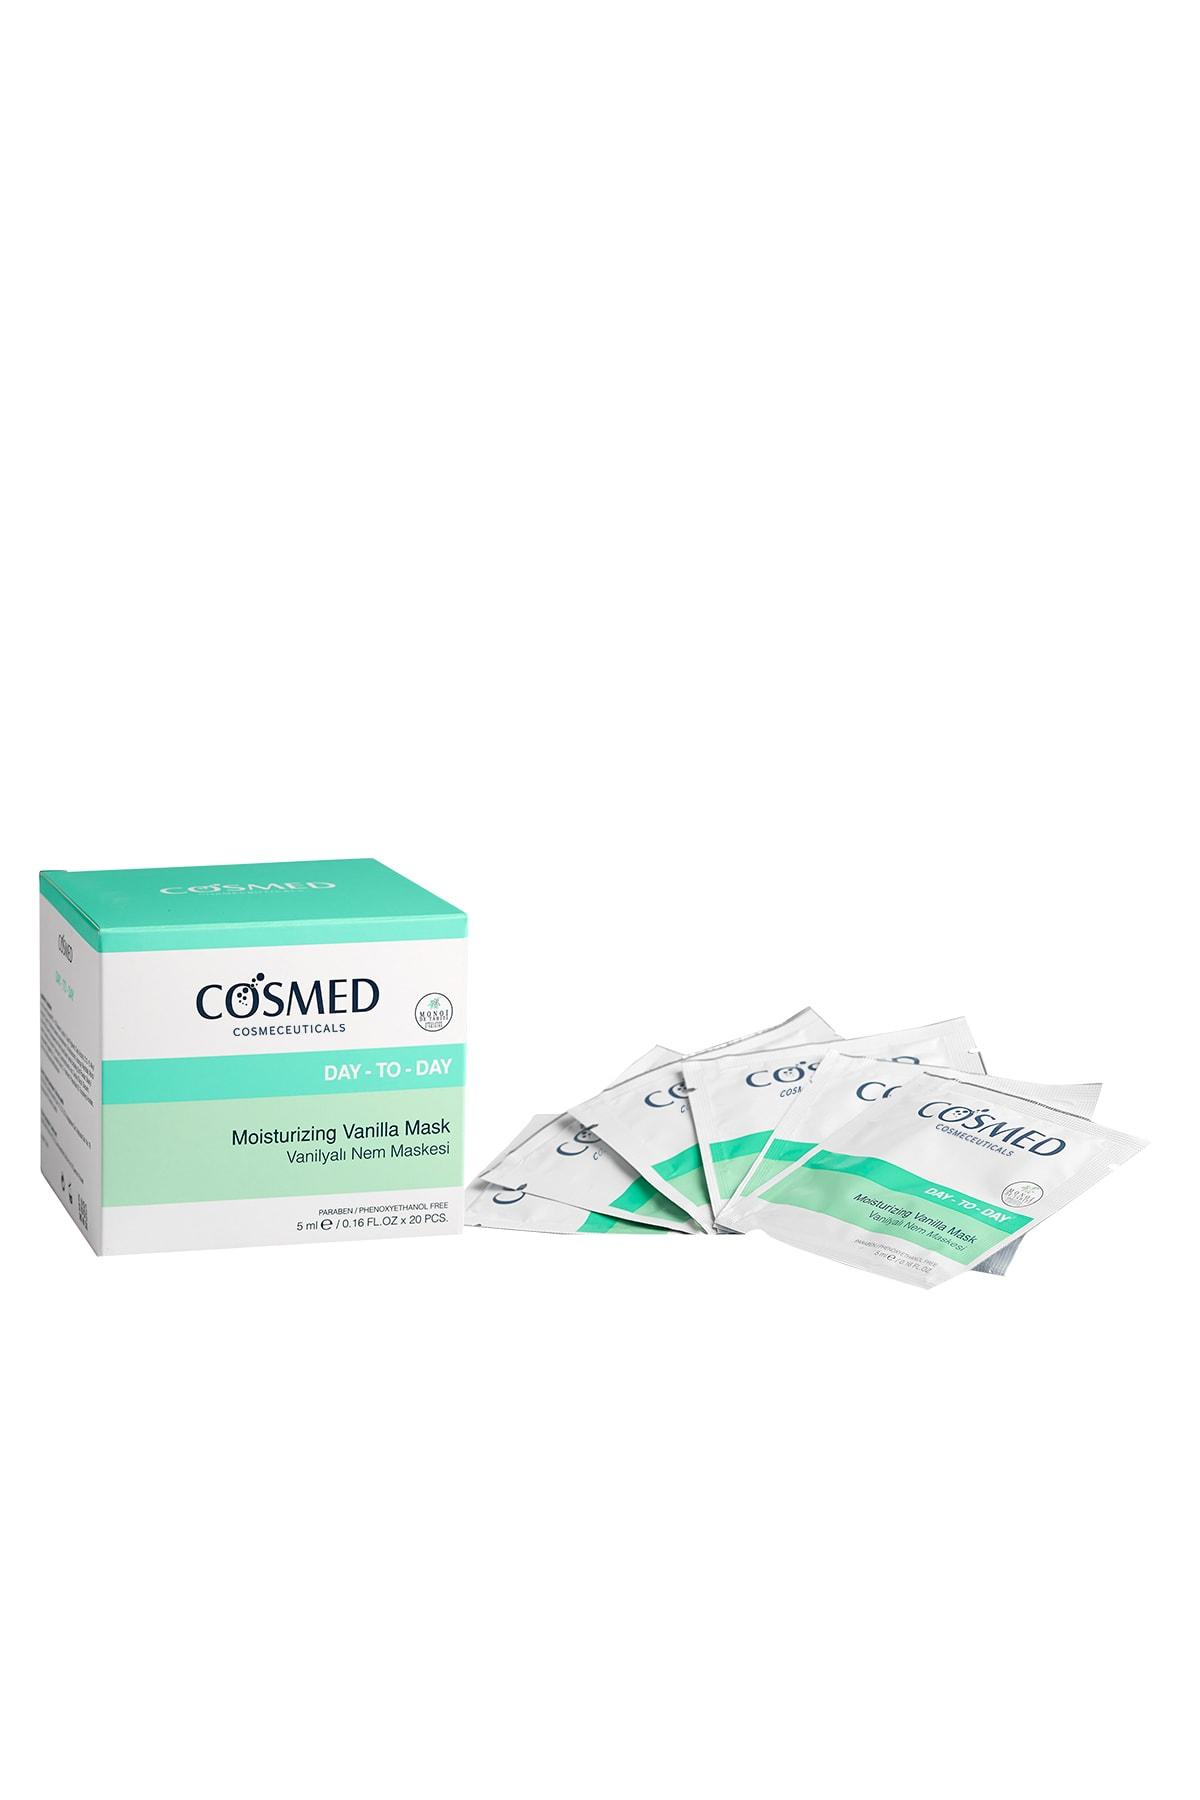 COSMED Nemlendirici Cilt Bakım Maskesi - Moısturızıng Vanılla Mask 5 ml /20 Adet 8699292991107 1